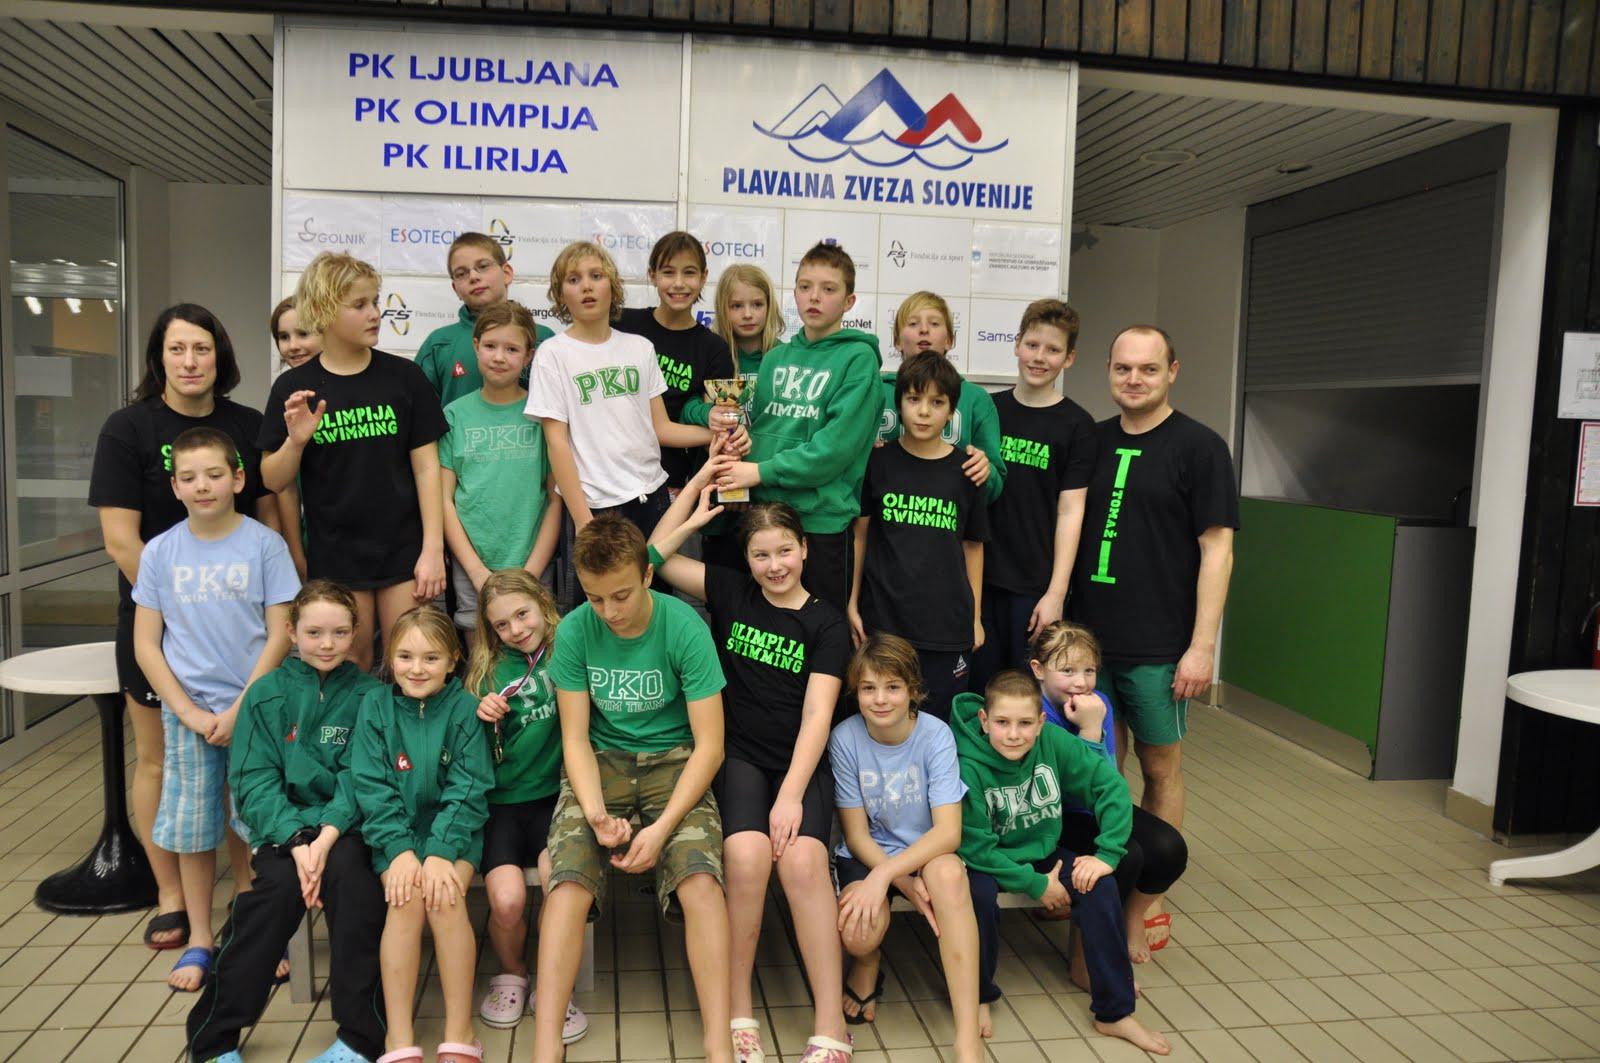 Zimsko DP za ml. dečke in ml. deklice 2013 - 2-3.2.2013, Ljubljana